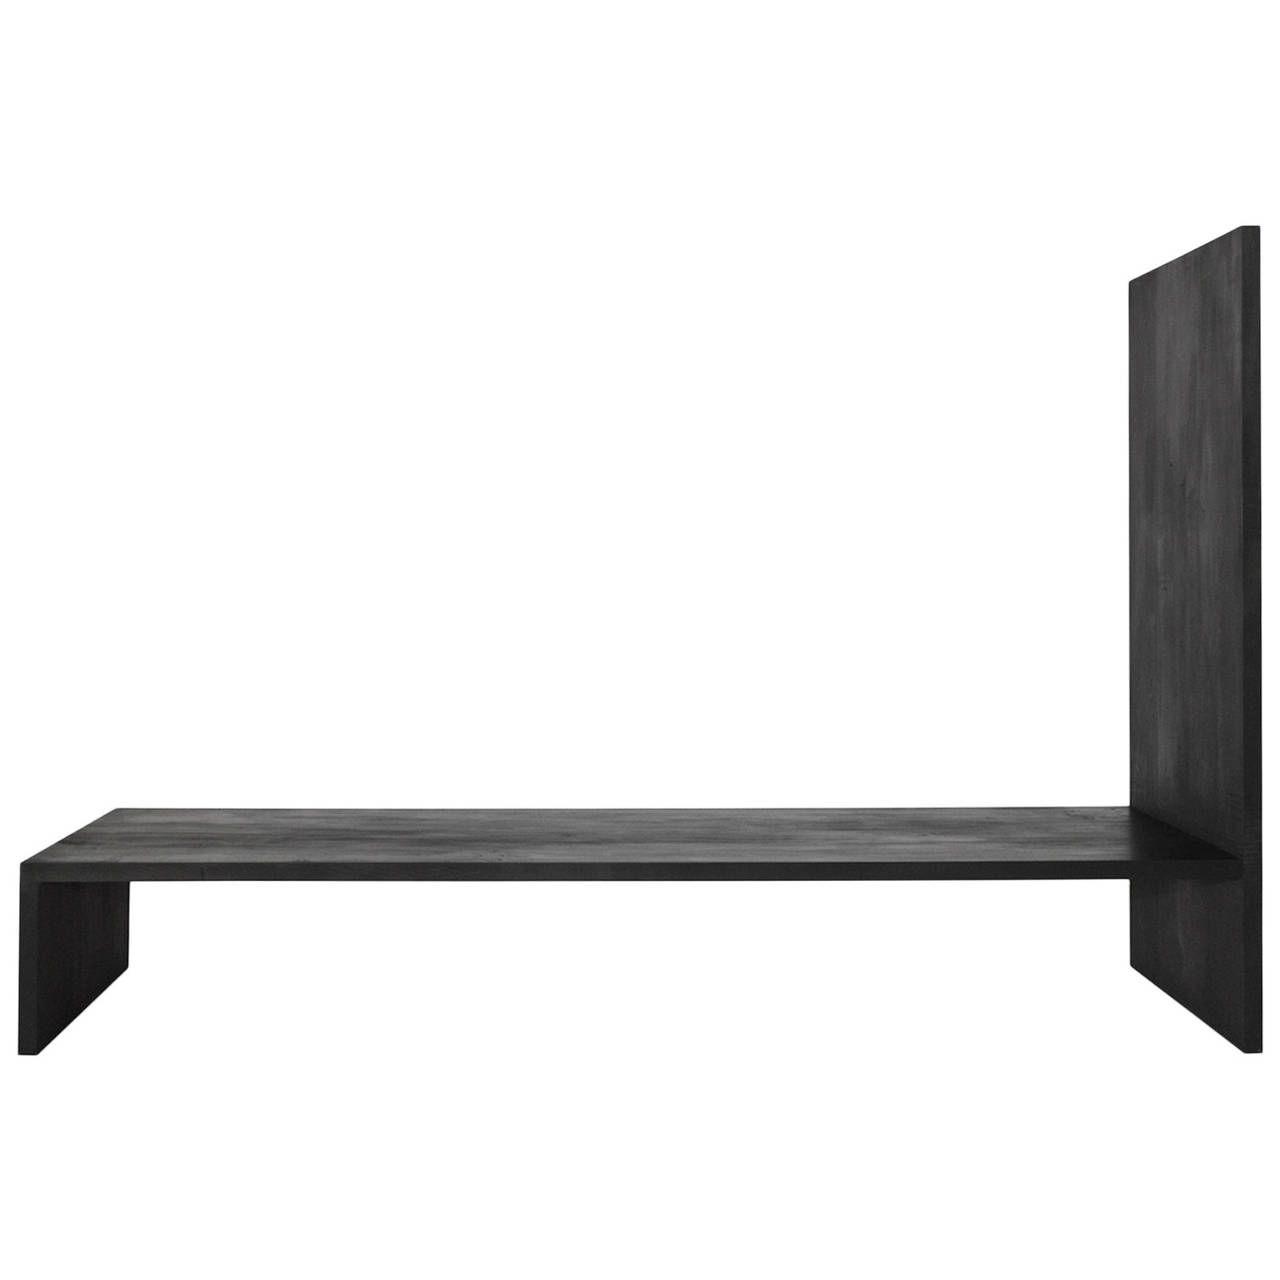 Minimal Bench By Lukas Machnik In Black Minimal Bench And Oak  # Muebles Modulares Lukar